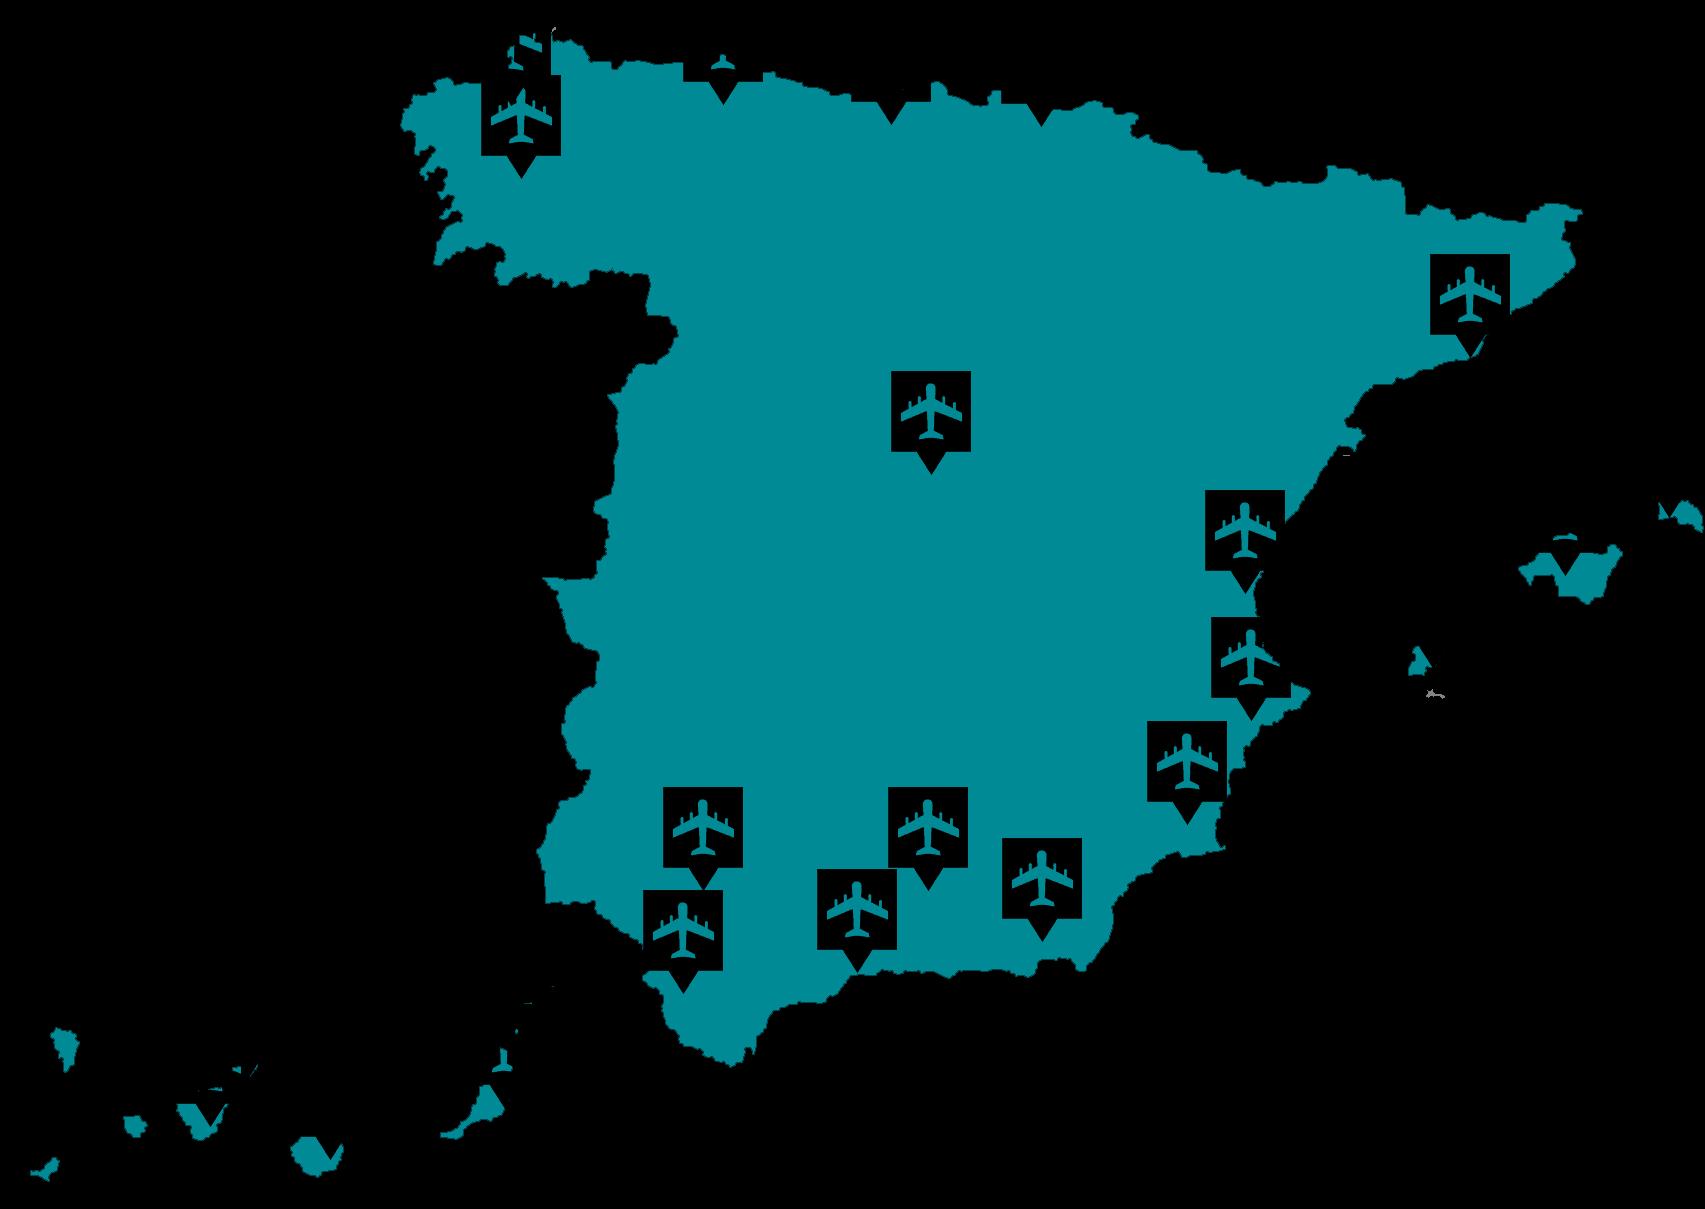 Mapa de los aeropuertos en el proyecto STAR Éxico